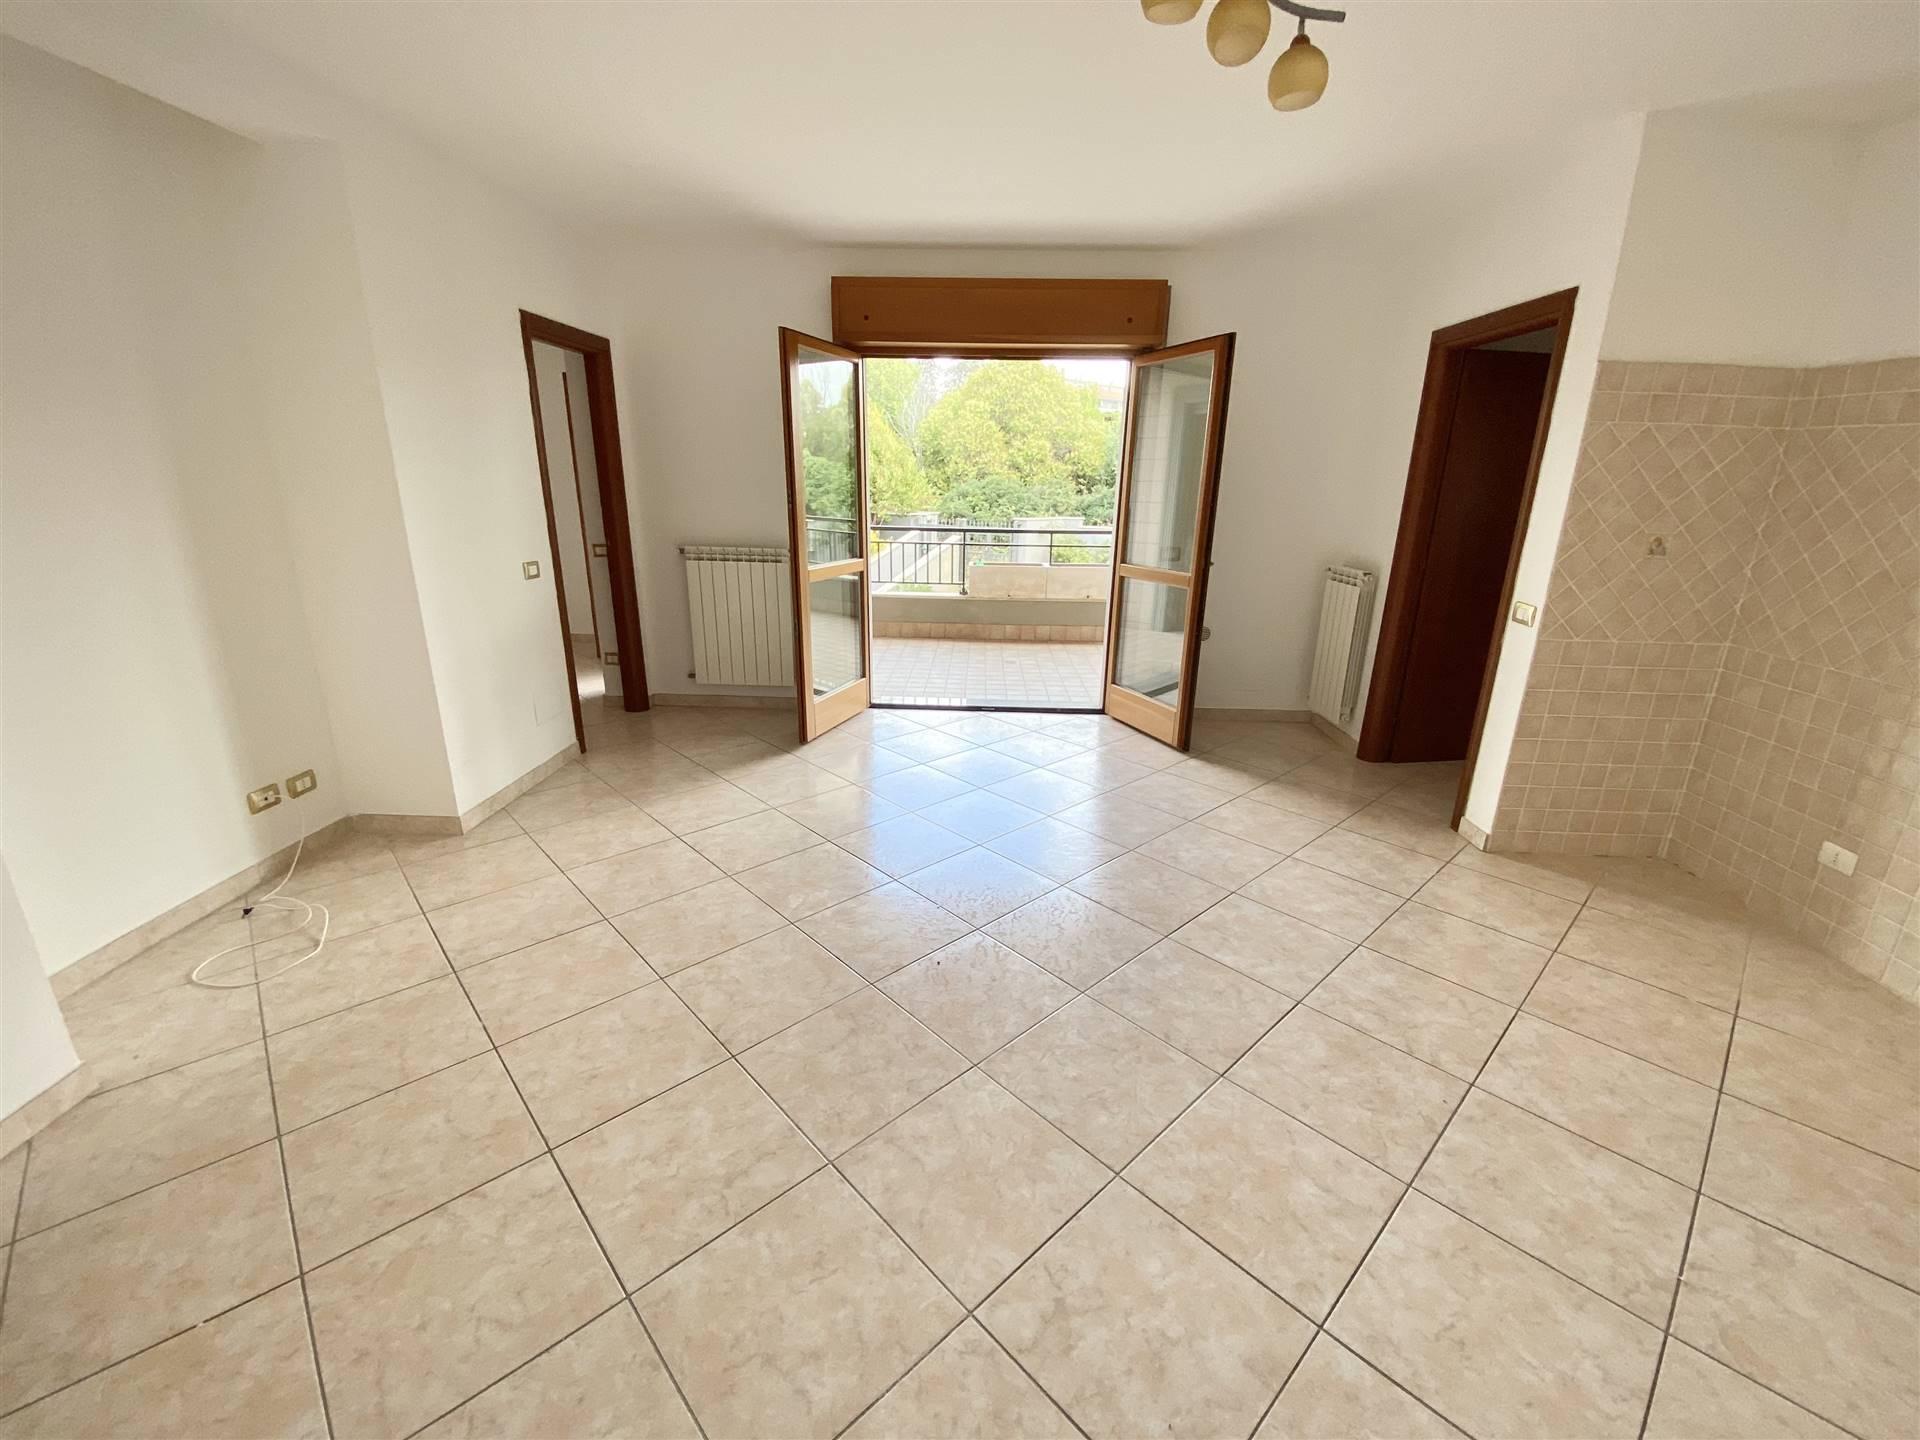 Appartamento in vendita a Civitavecchia, 3 locali, prezzo € 215.000 | CambioCasa.it